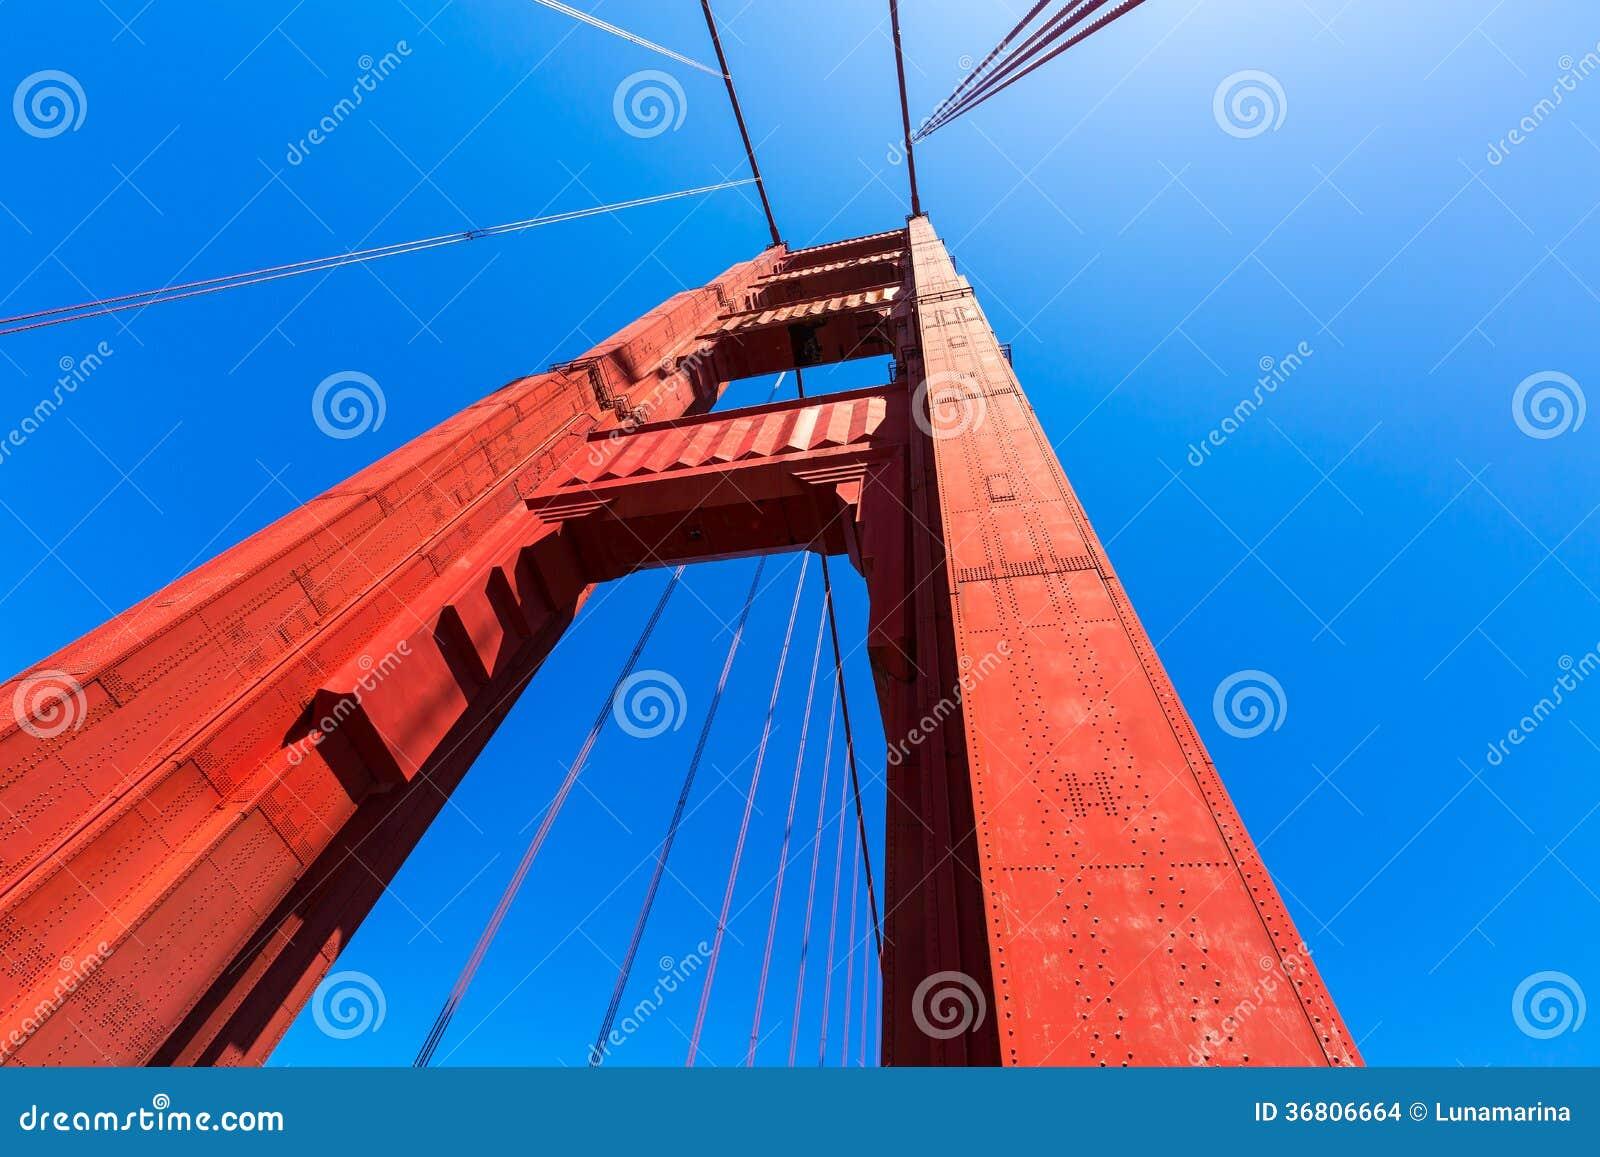 Детали моста золотого строба в Сан-Франциско Калифорнии